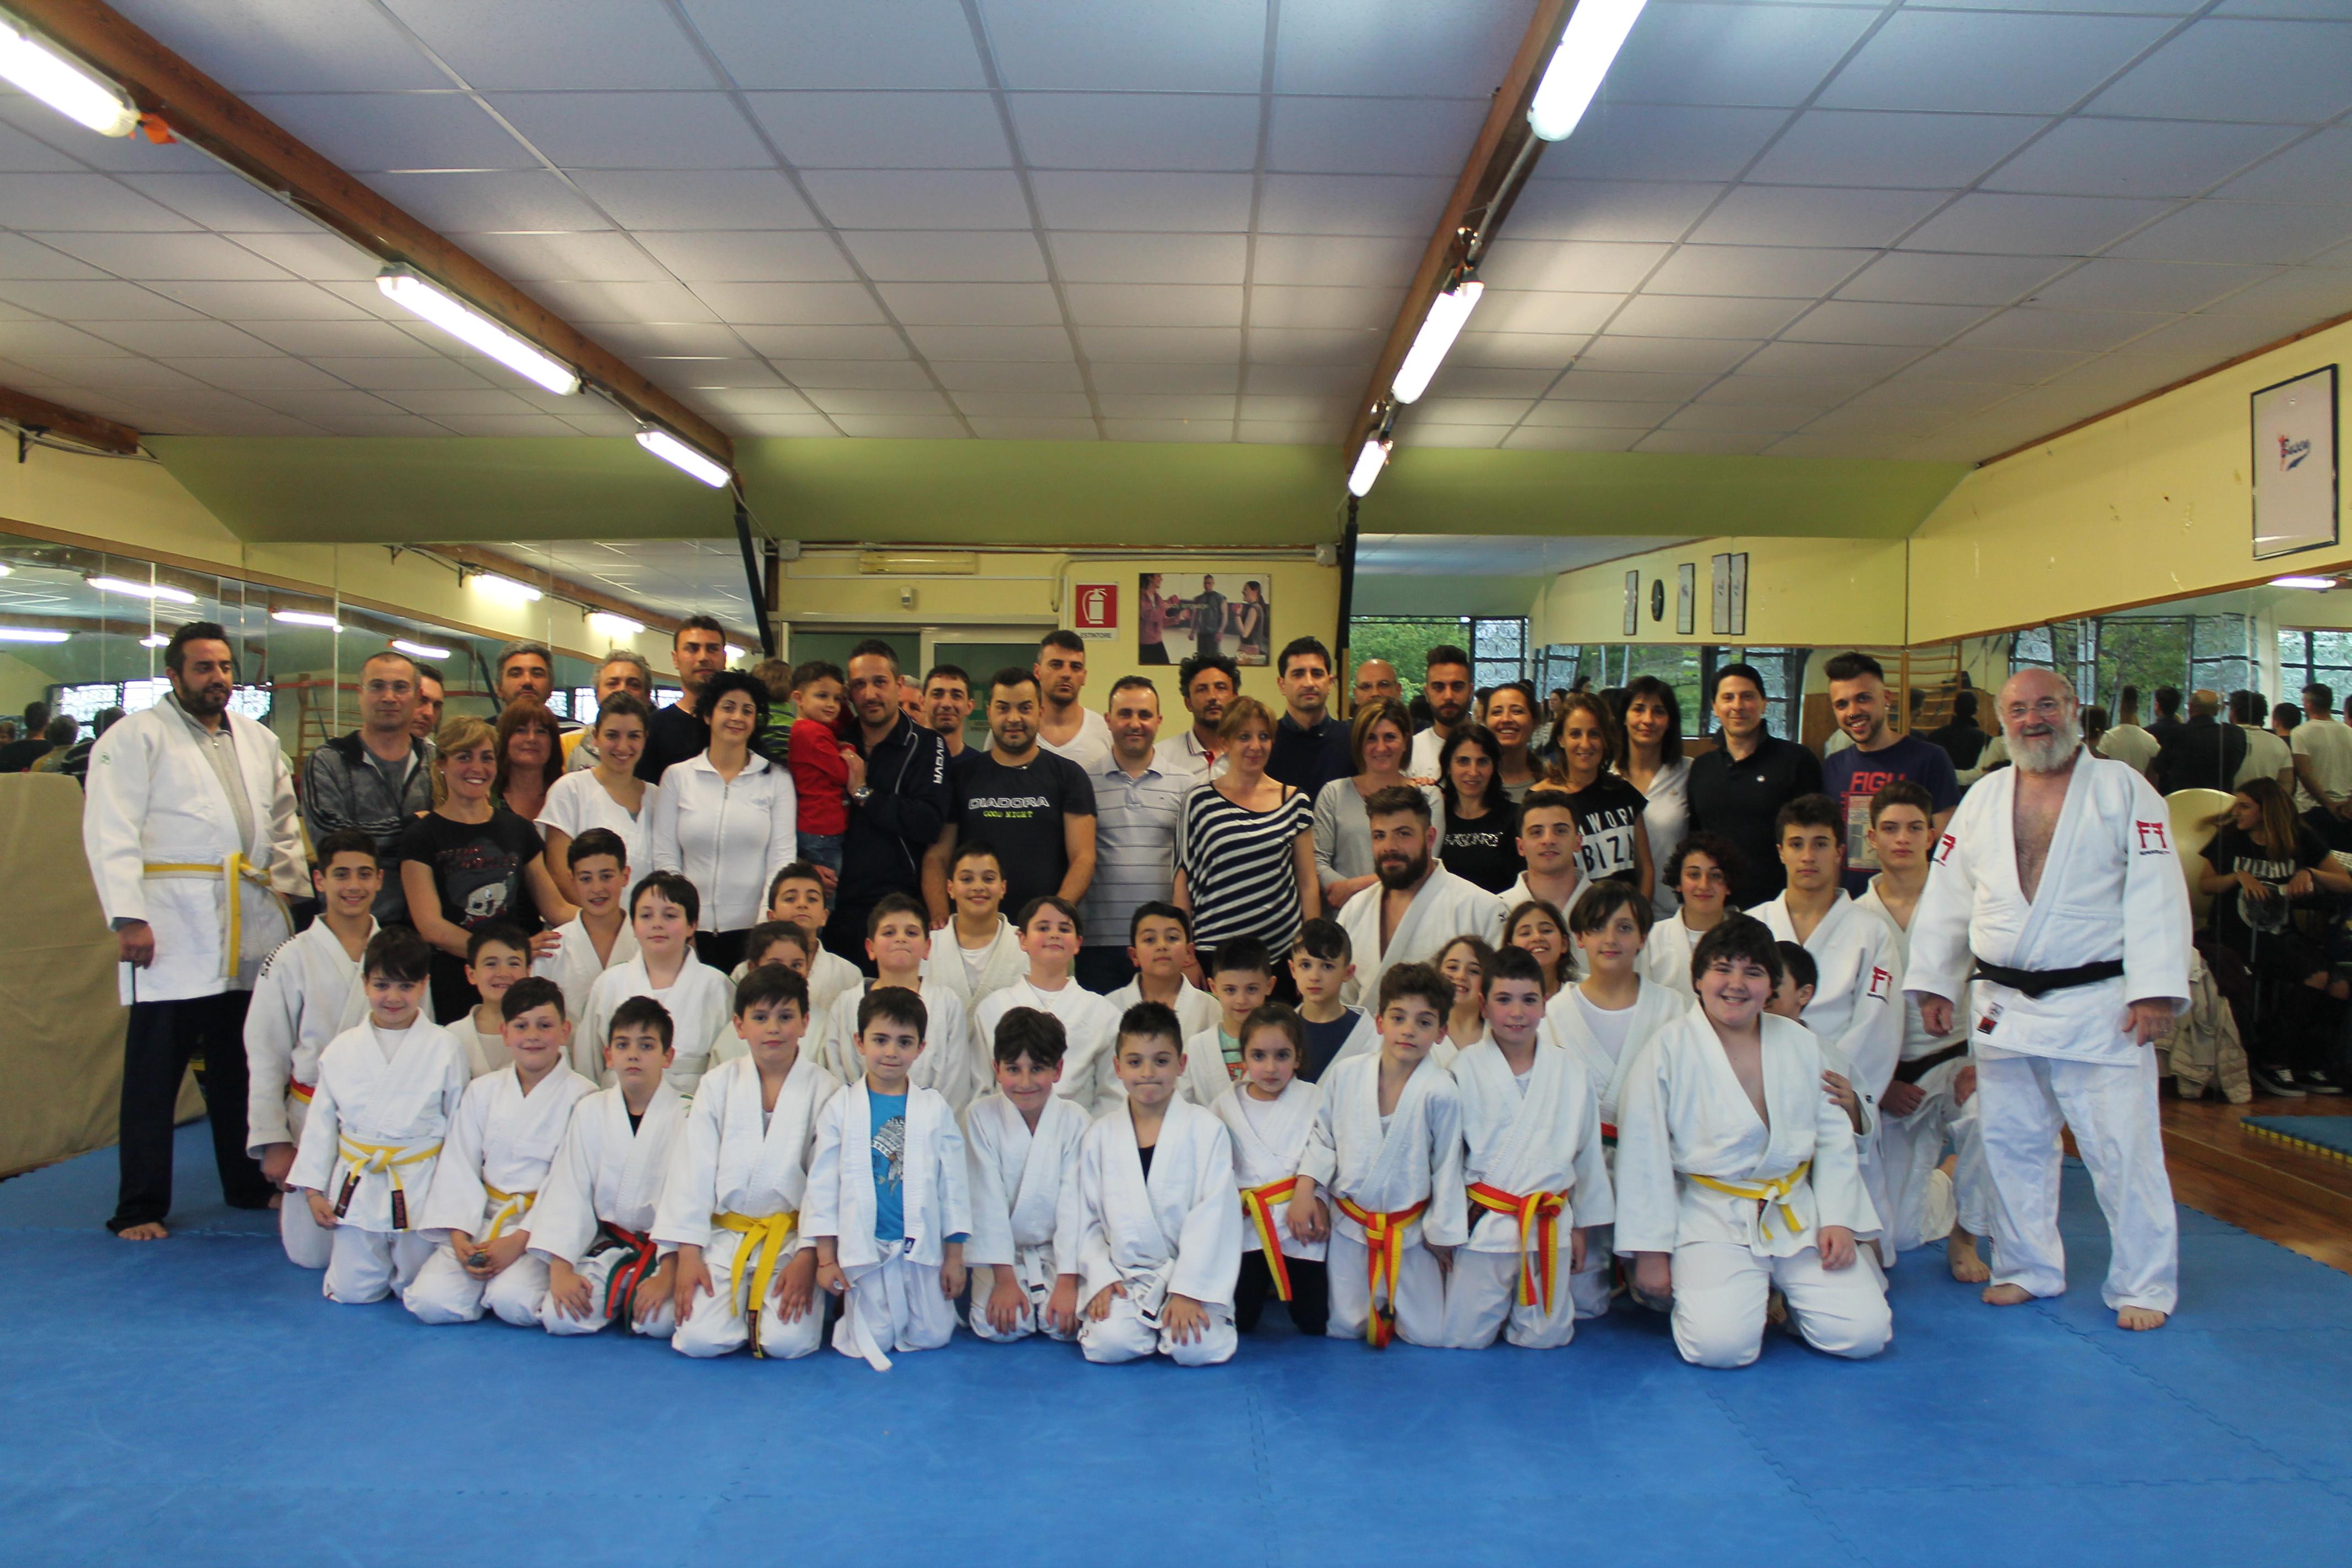 Il Busen Club Marino ha dato vita ad una manifestazione speciale: i piccoli judoka della palestra sono stati insegnanti per un giorno per i loro genitori. Un'occasione per riscoprire la genuinità del rapporto genitori/figli.